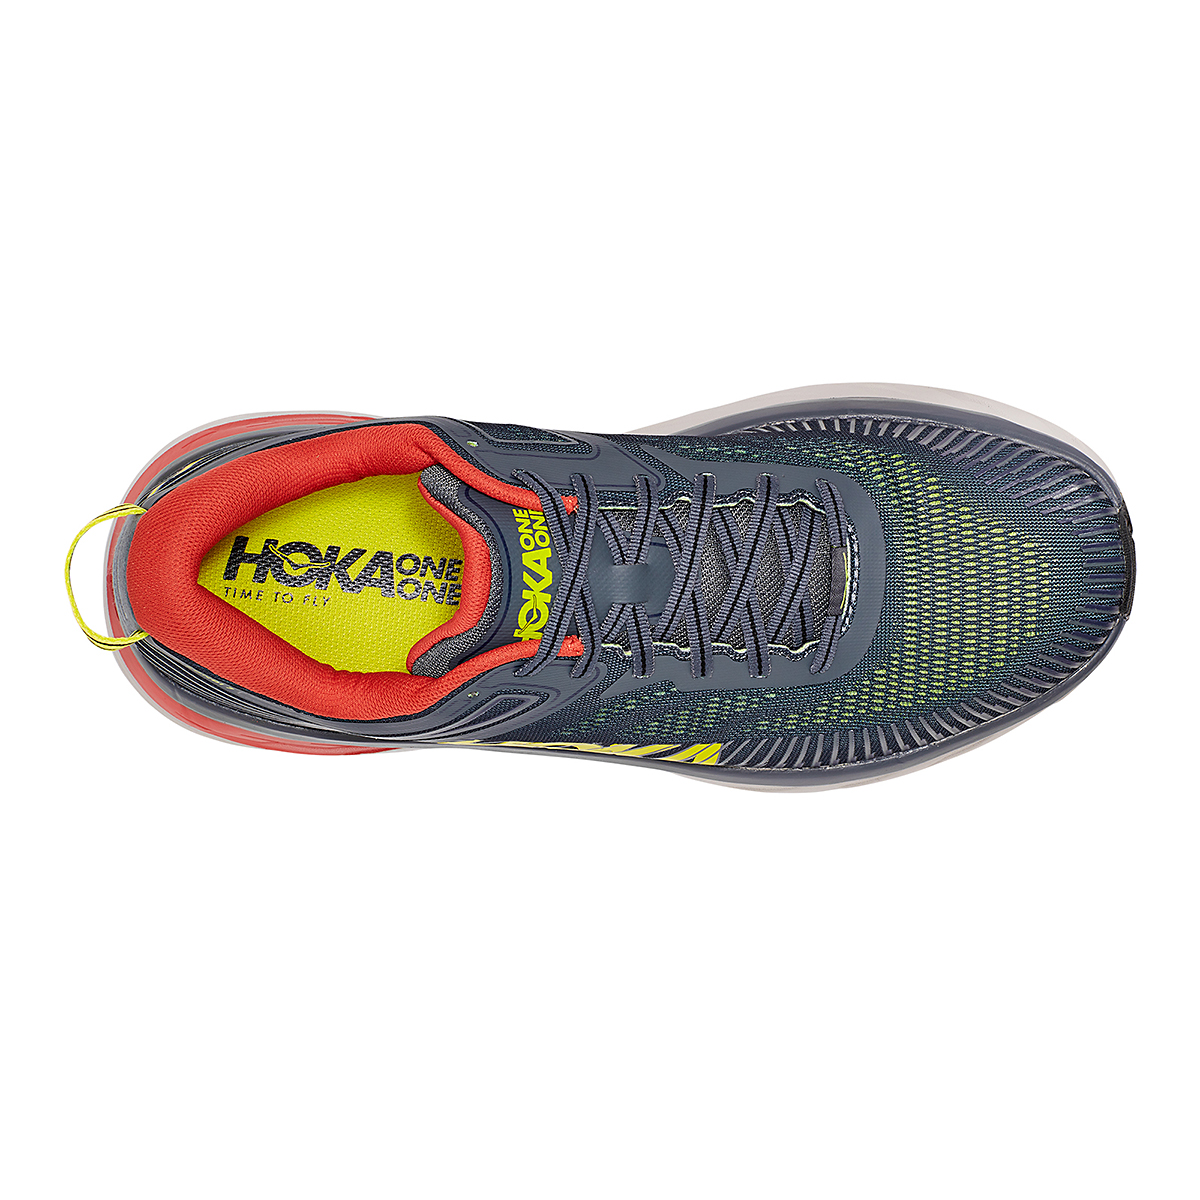 Men's Hoka One One Bondi 7 Running Shoe - Color: Turbulence/Chili - Size: 8 - Width: Regular, Turbulence/Chili, large, image 7